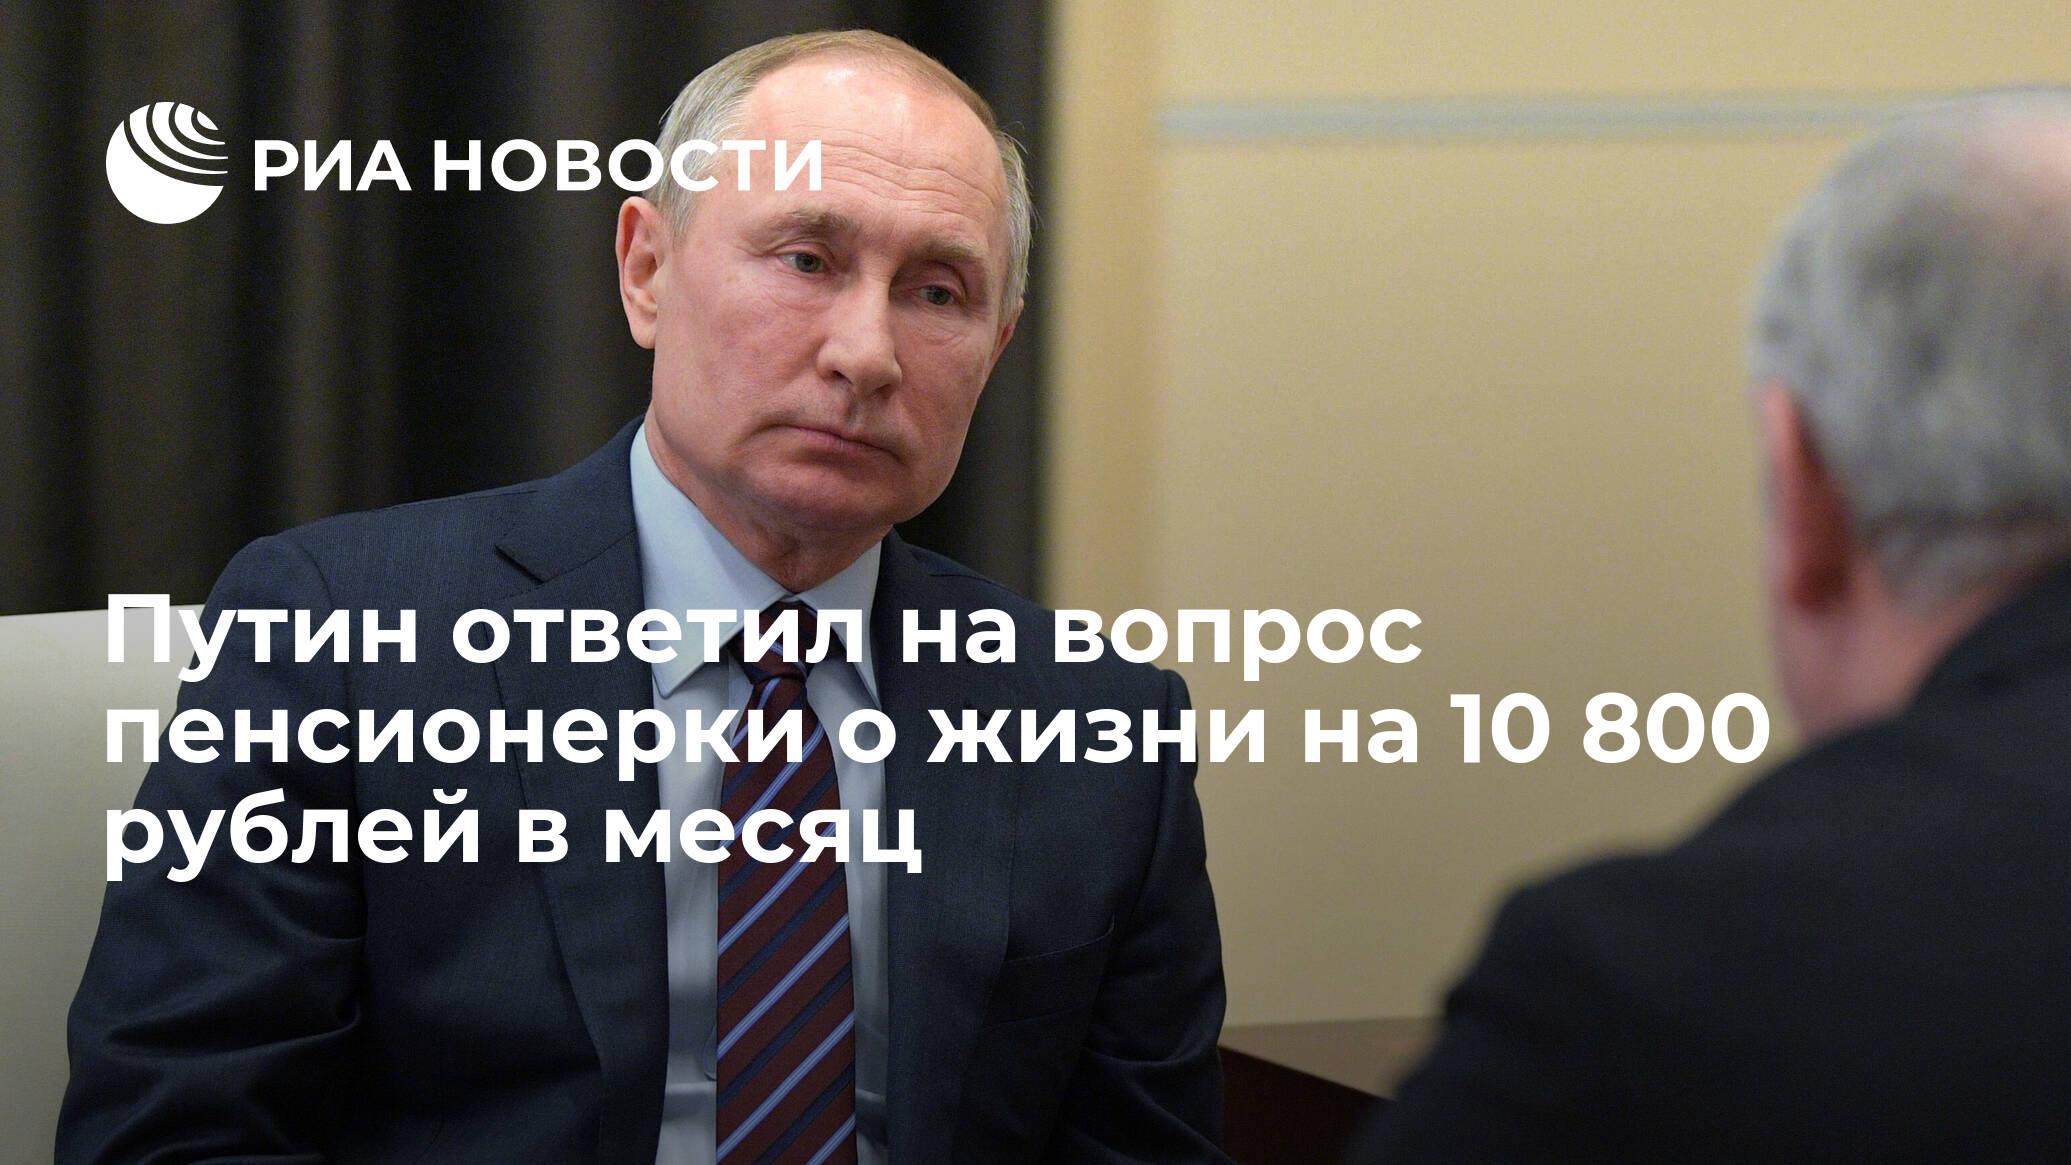 Путин ответил петербурженке на вопрос о жизни на 10 800 рублей в месяц